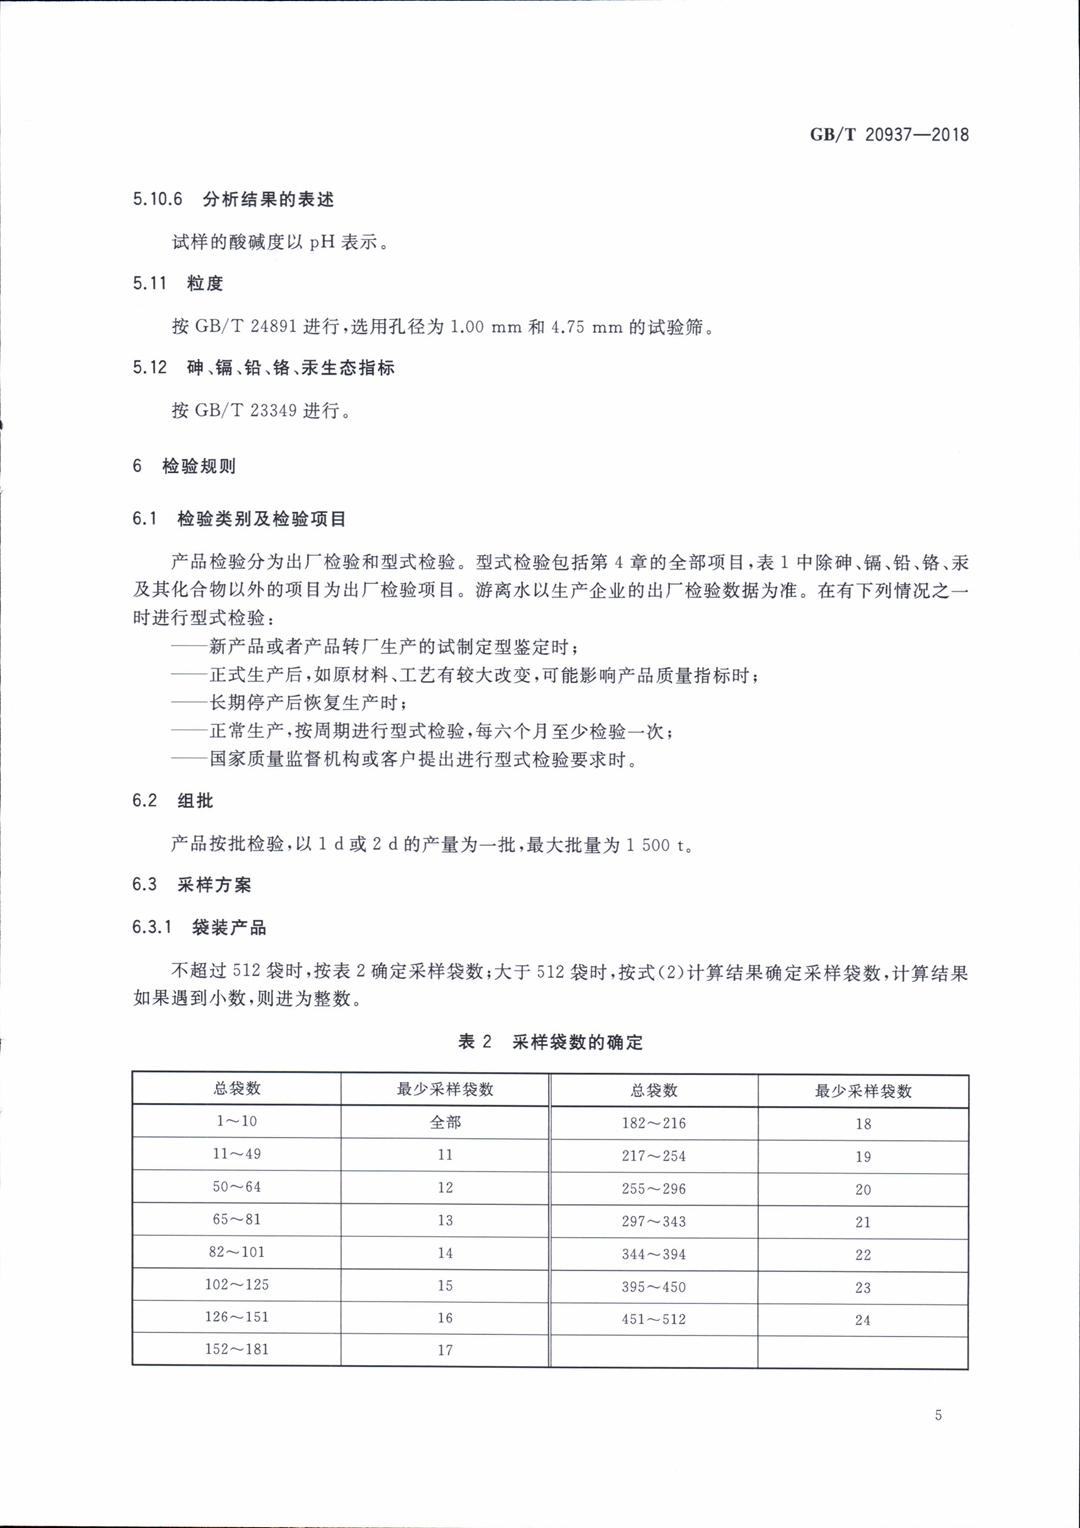 GBT20937-2018农业用硫酸钾镁